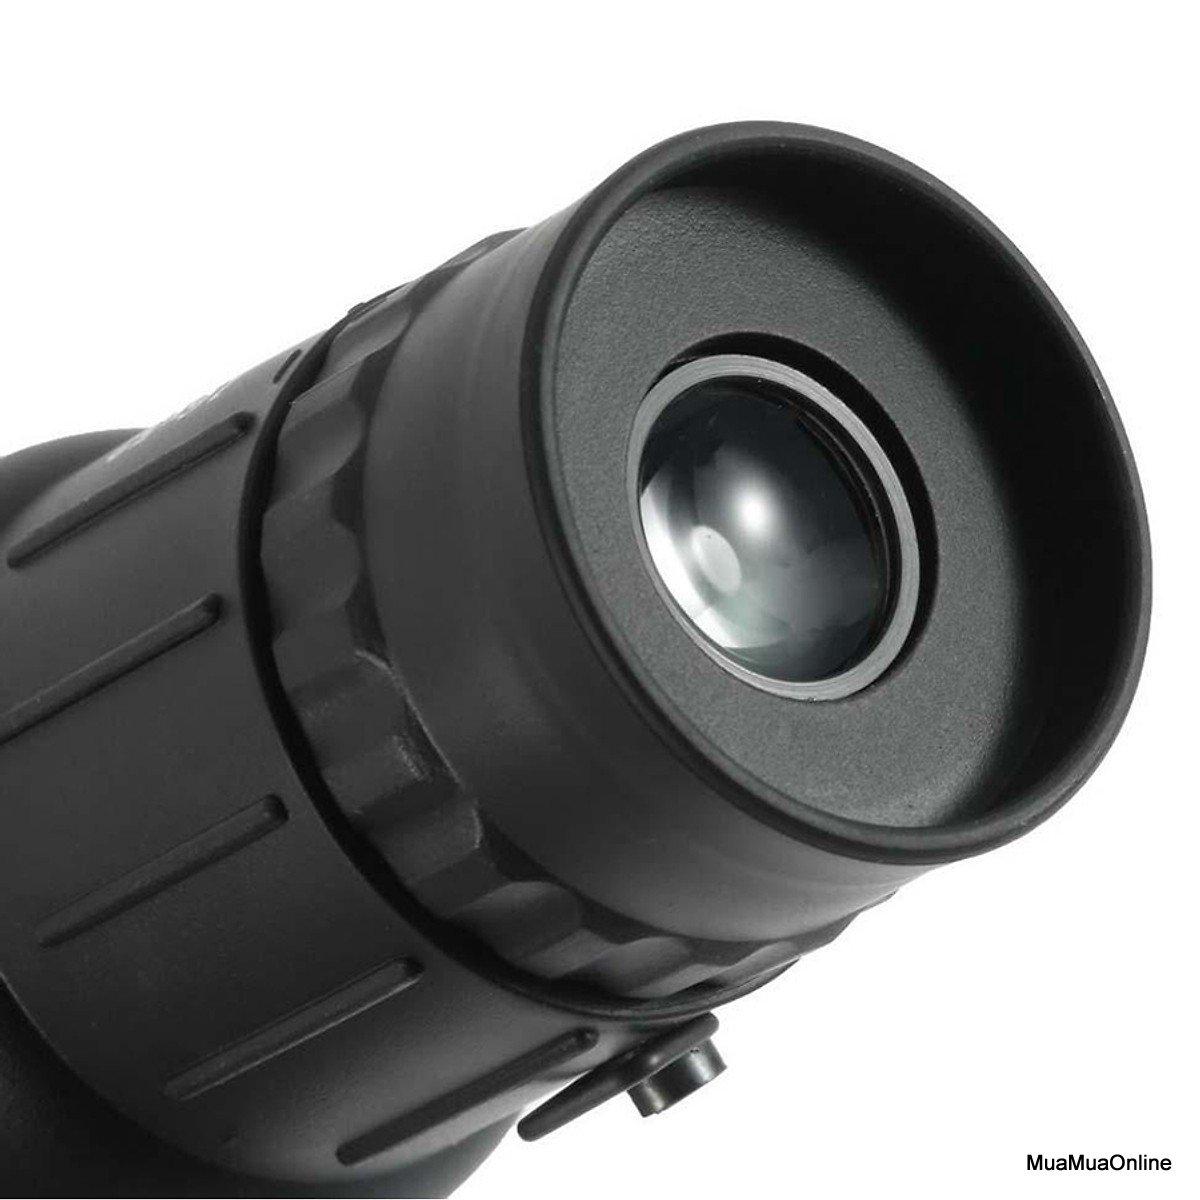 Ống Nhòm Một Mắt Siêu Nét Bushnell Monocular 16x52 66m/8000m Cao Cấp + Tặng Kèm Túi Đựng